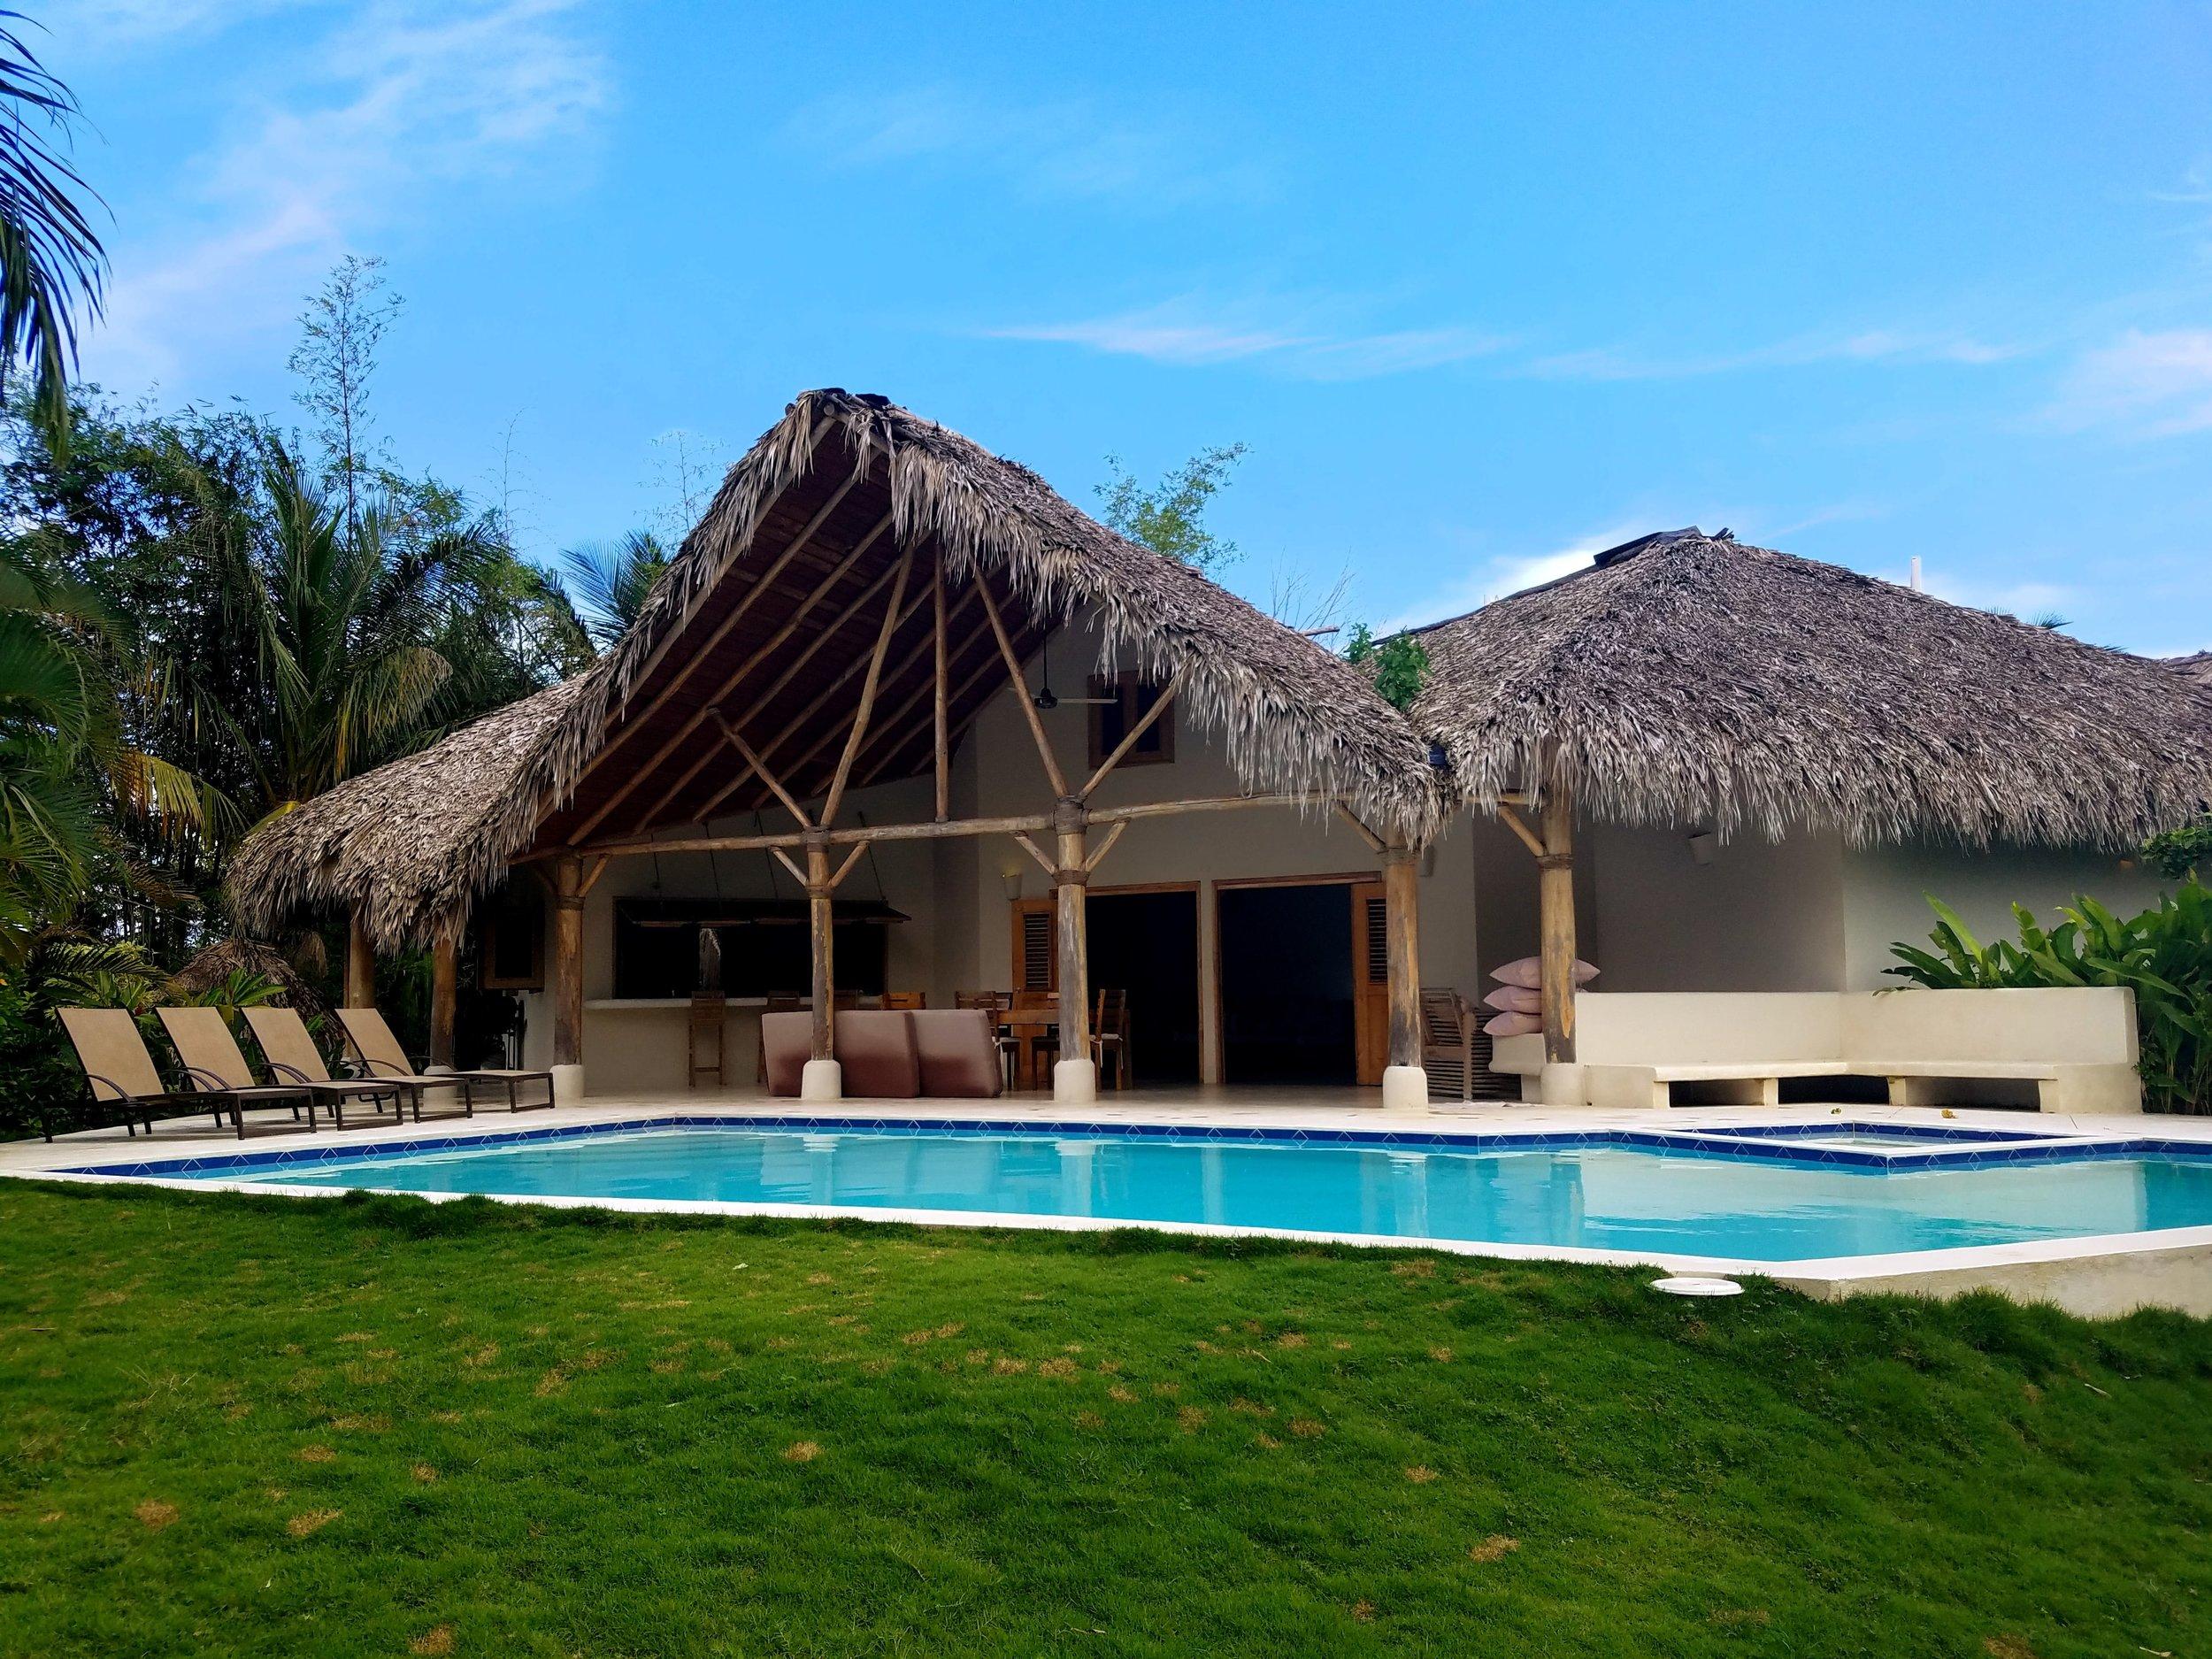 Villa las for rent Las Terrenas Las Flores3-min.jpg